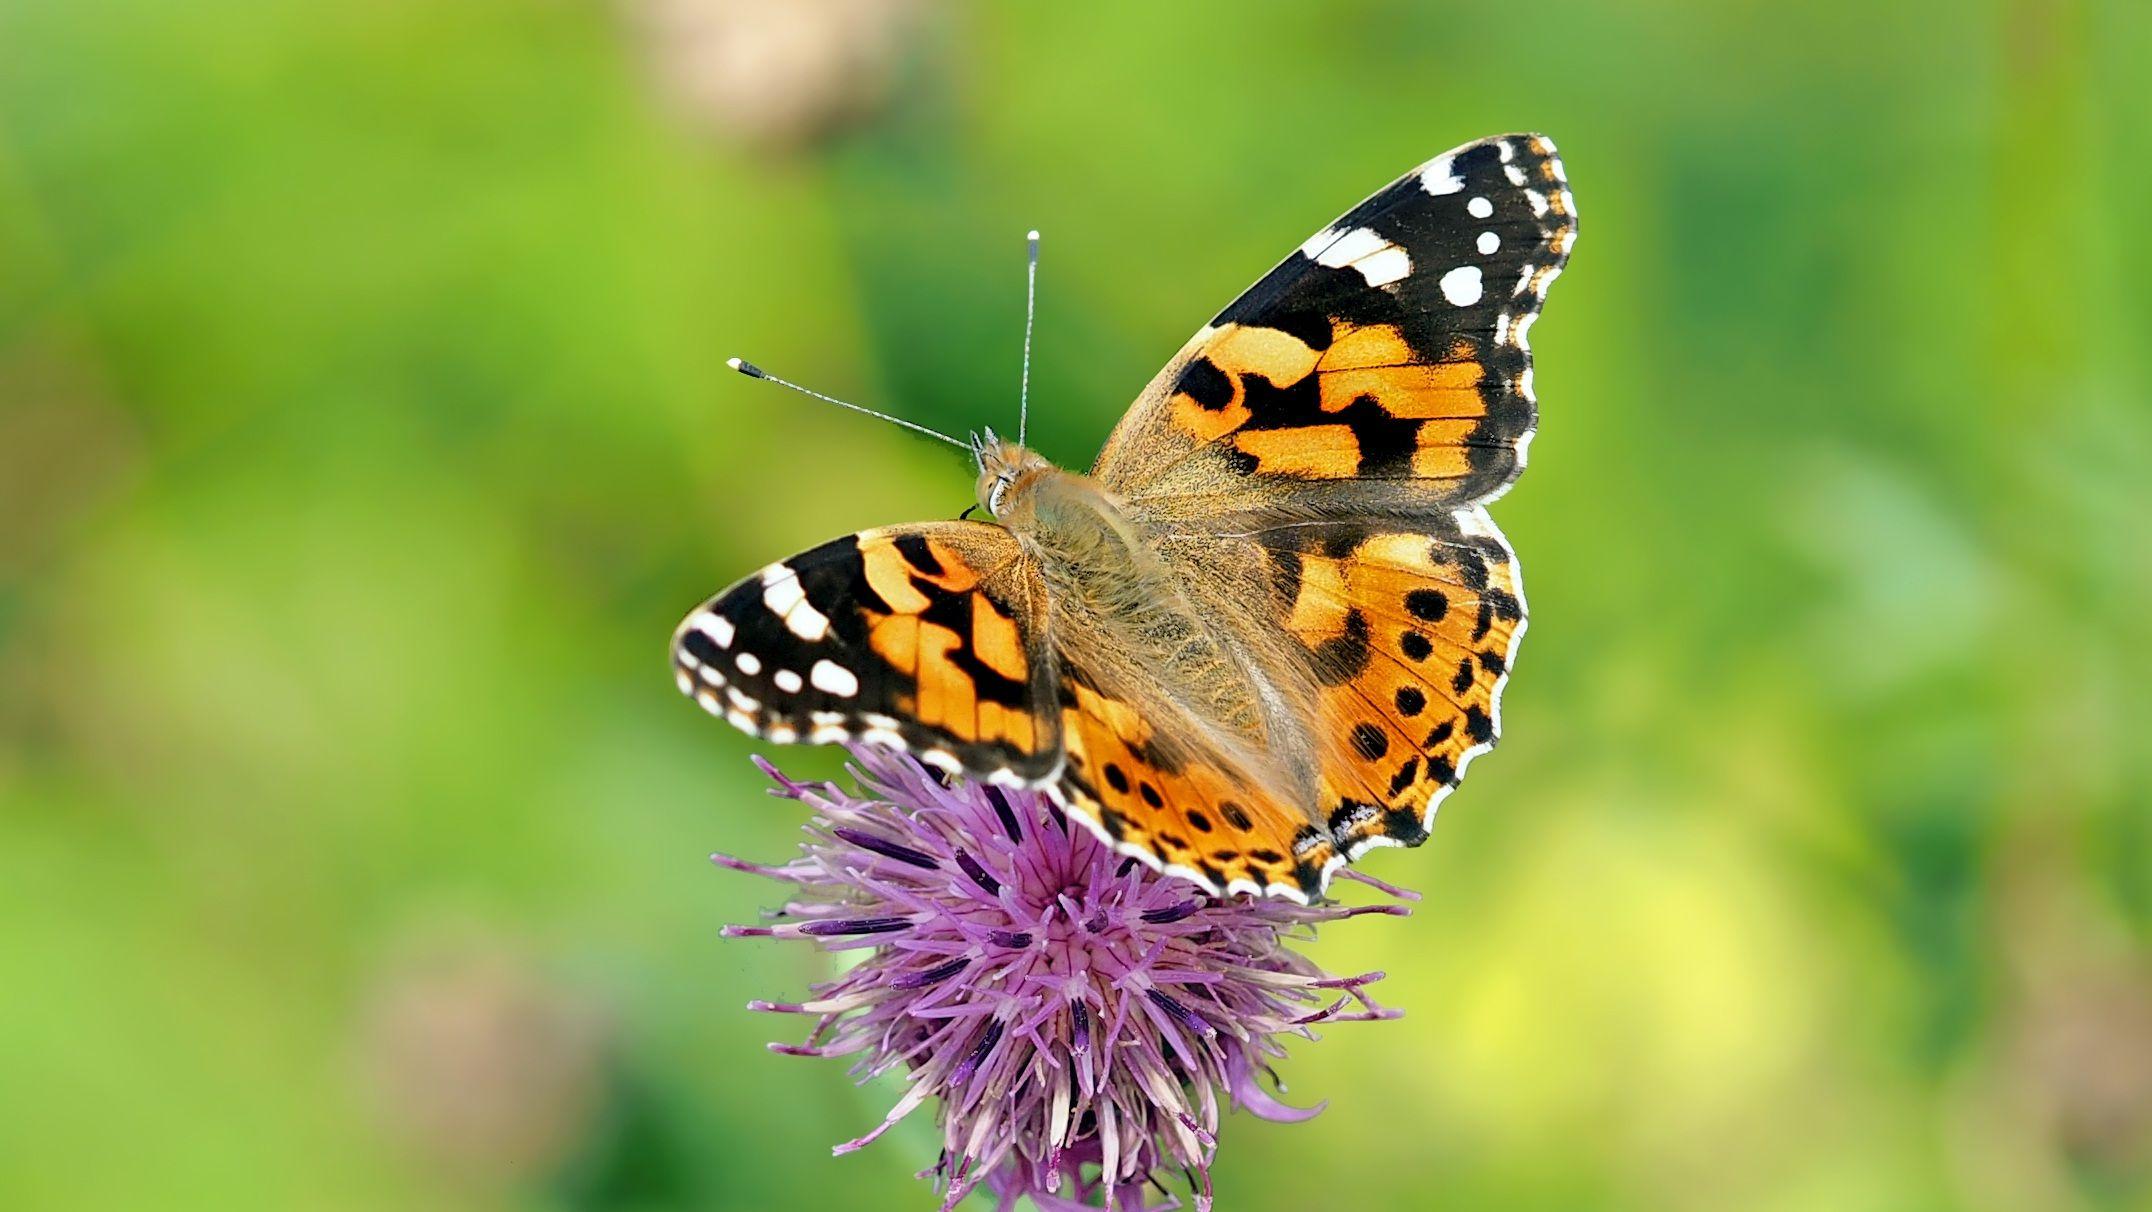 #butterflies #butterfly #nature #beautiful #amazing #bellissime #farfalla #farfalle #flowers #flower #fiori #natura #fiore #incanto #meravigliedellanatura #meraviglie #white #bianco #black #nero #dots #pois #stripes #strisce #orange #arancio